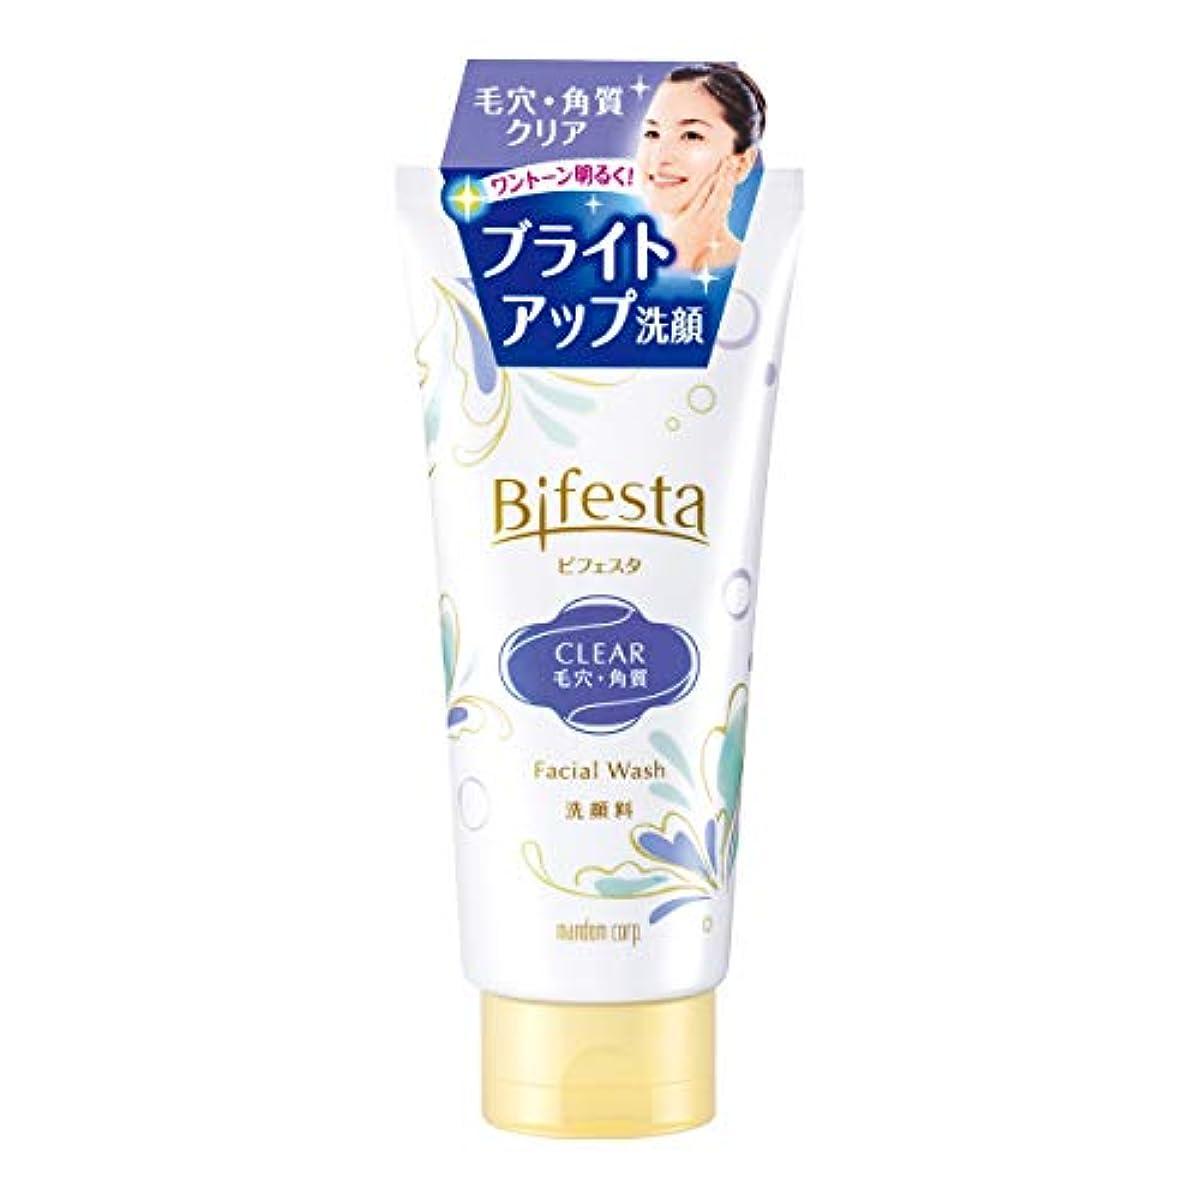 ビフェスタ(Bifesta)洗顔 クリア 120g 毛穴?角質クリアタイプの洗顔料